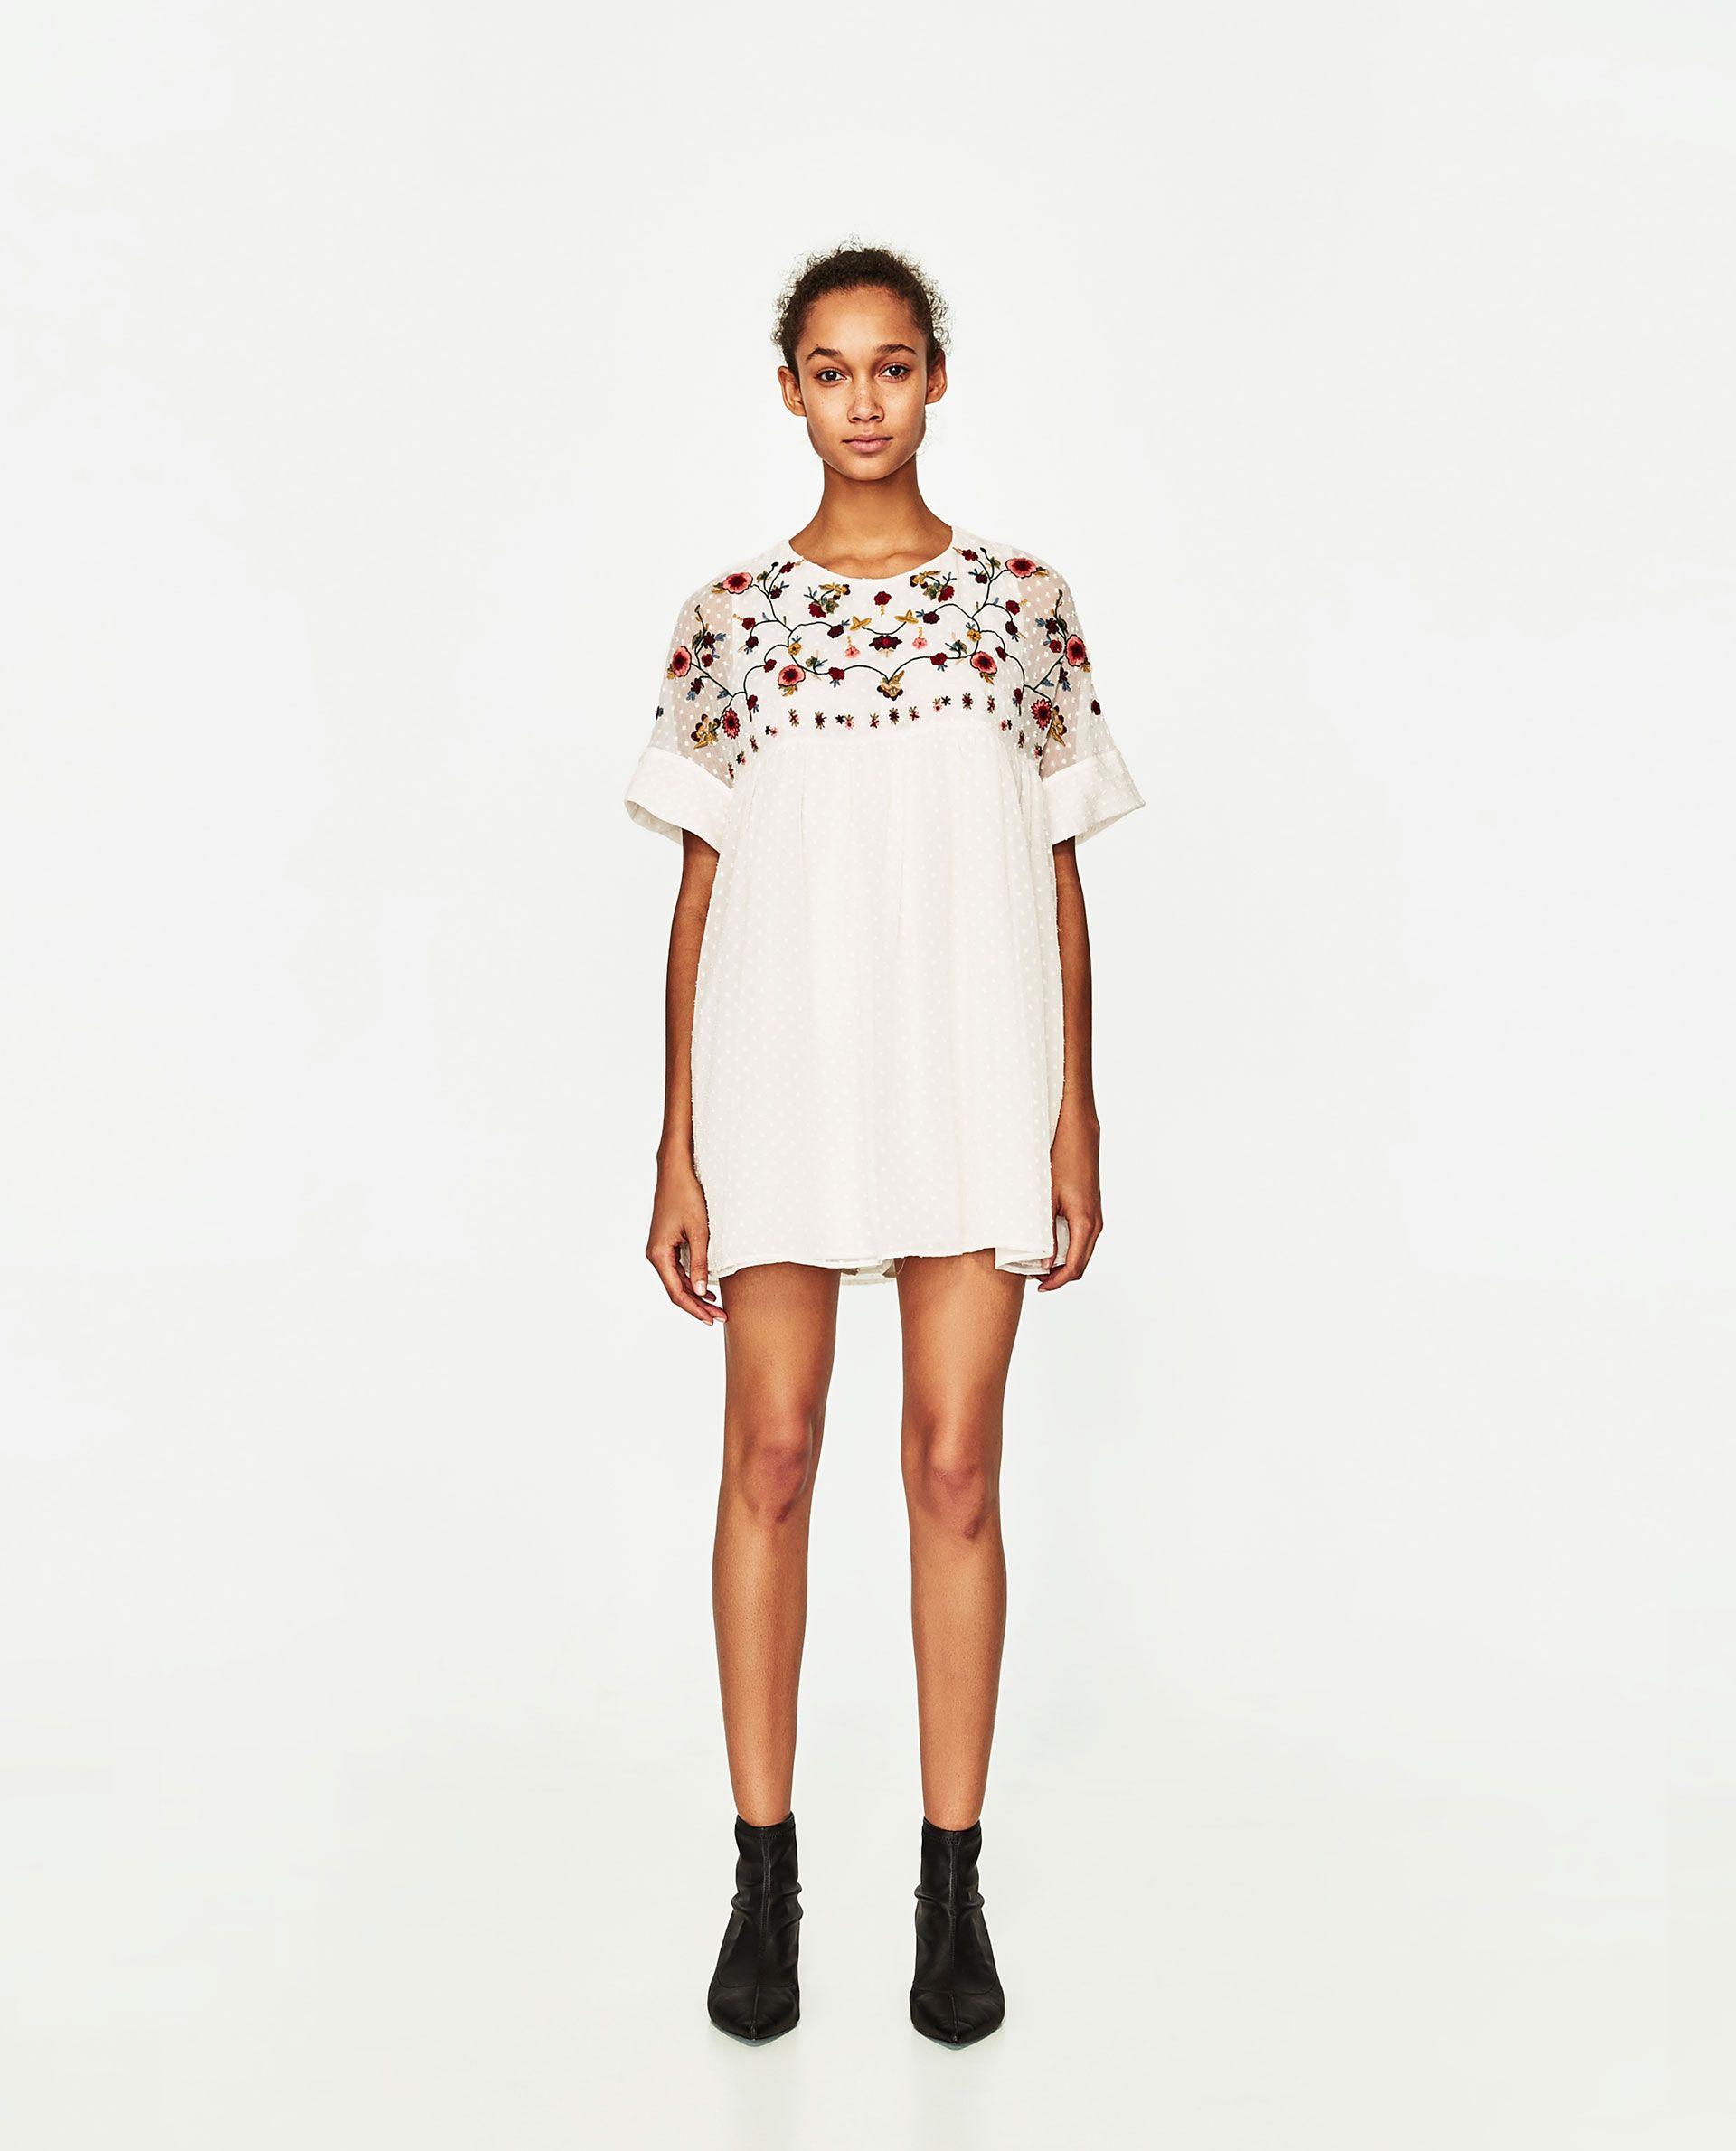 17 Schön Zara Damen Abendkleider Vertrieb15 Fantastisch Zara Damen Abendkleider Spezialgebiet